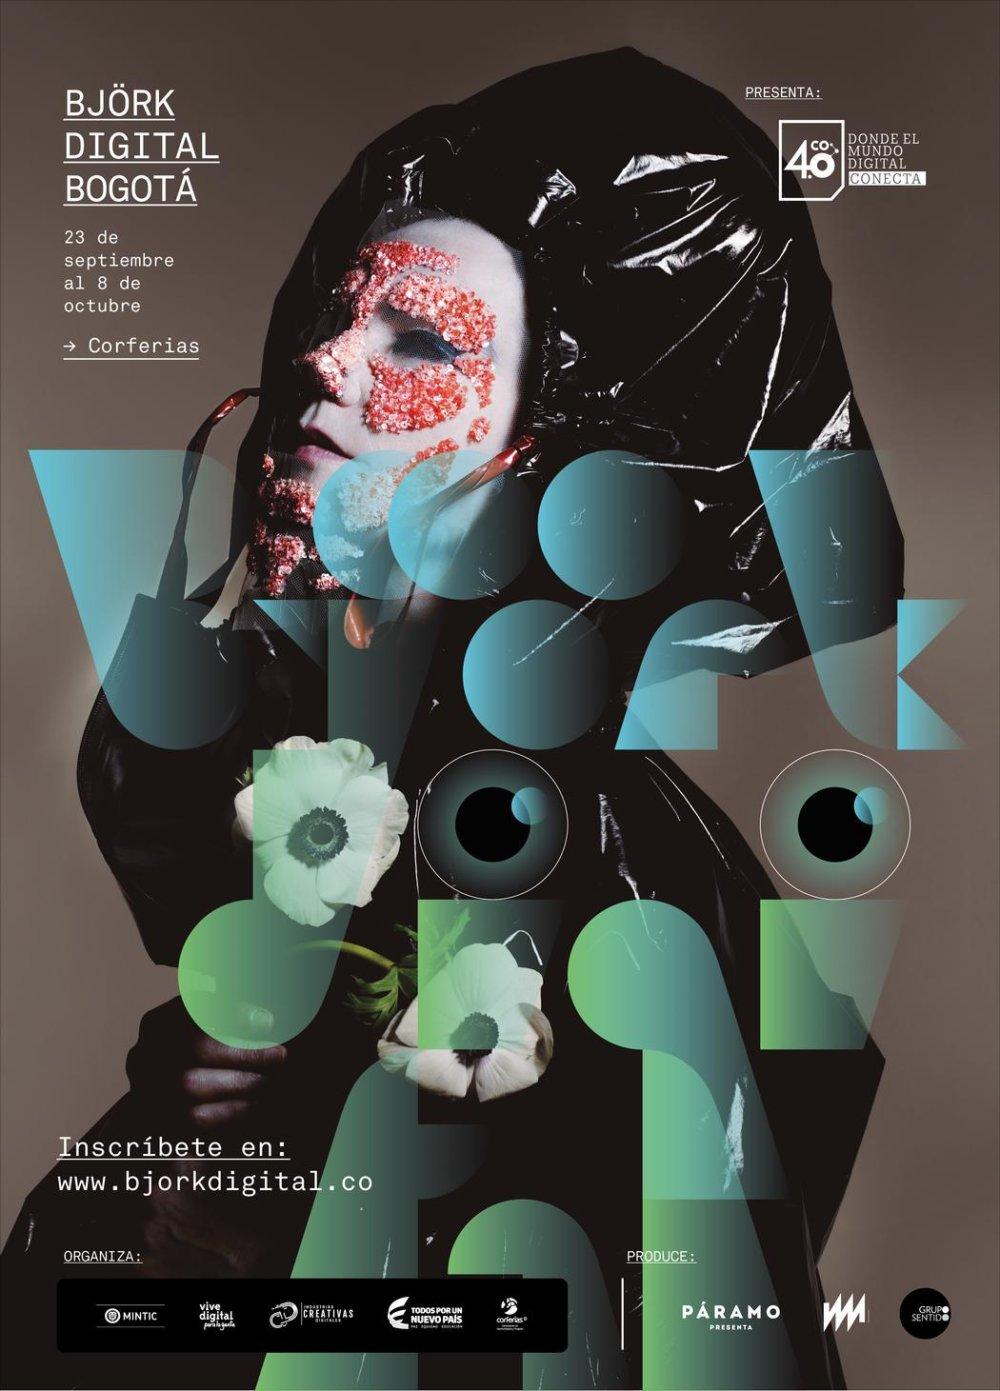 Un viaje por la mente de la artista Björk